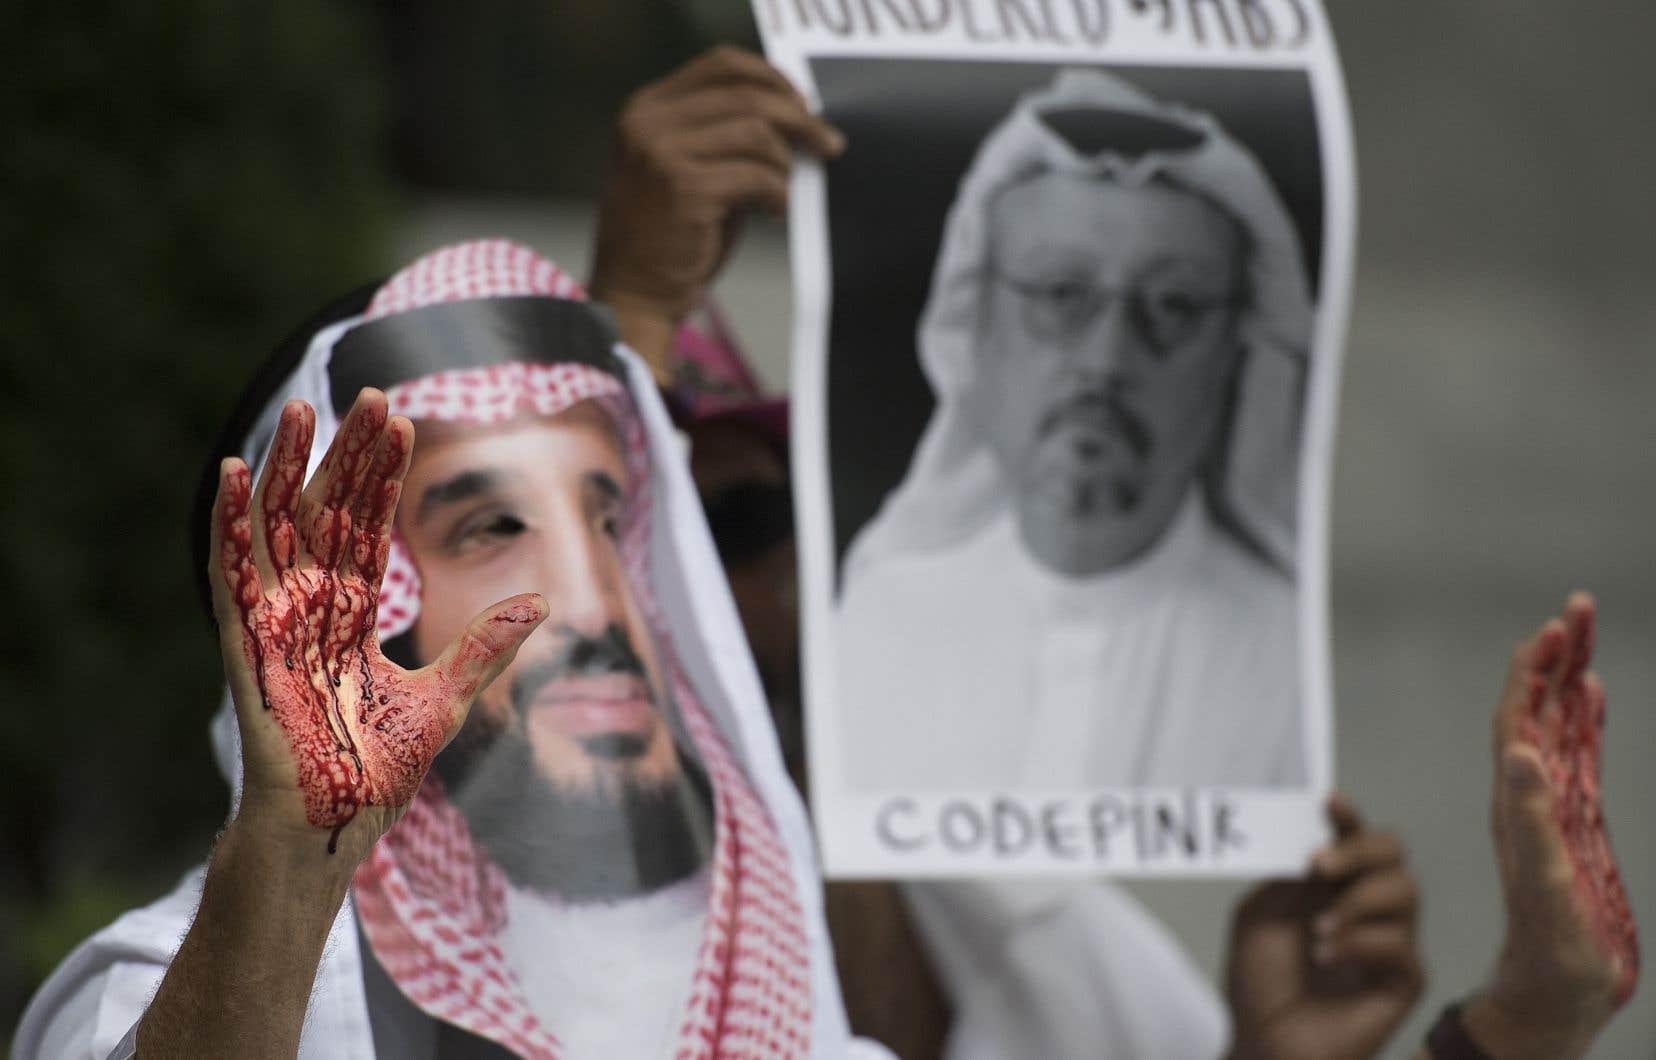 Un manifestant déguisé en prince saoudien Mohammed bin Salman, les mains ensanglantées, devant les locaux de l'ambassade d'Arabie saoudite à Washington, le 8 octobre 2018.